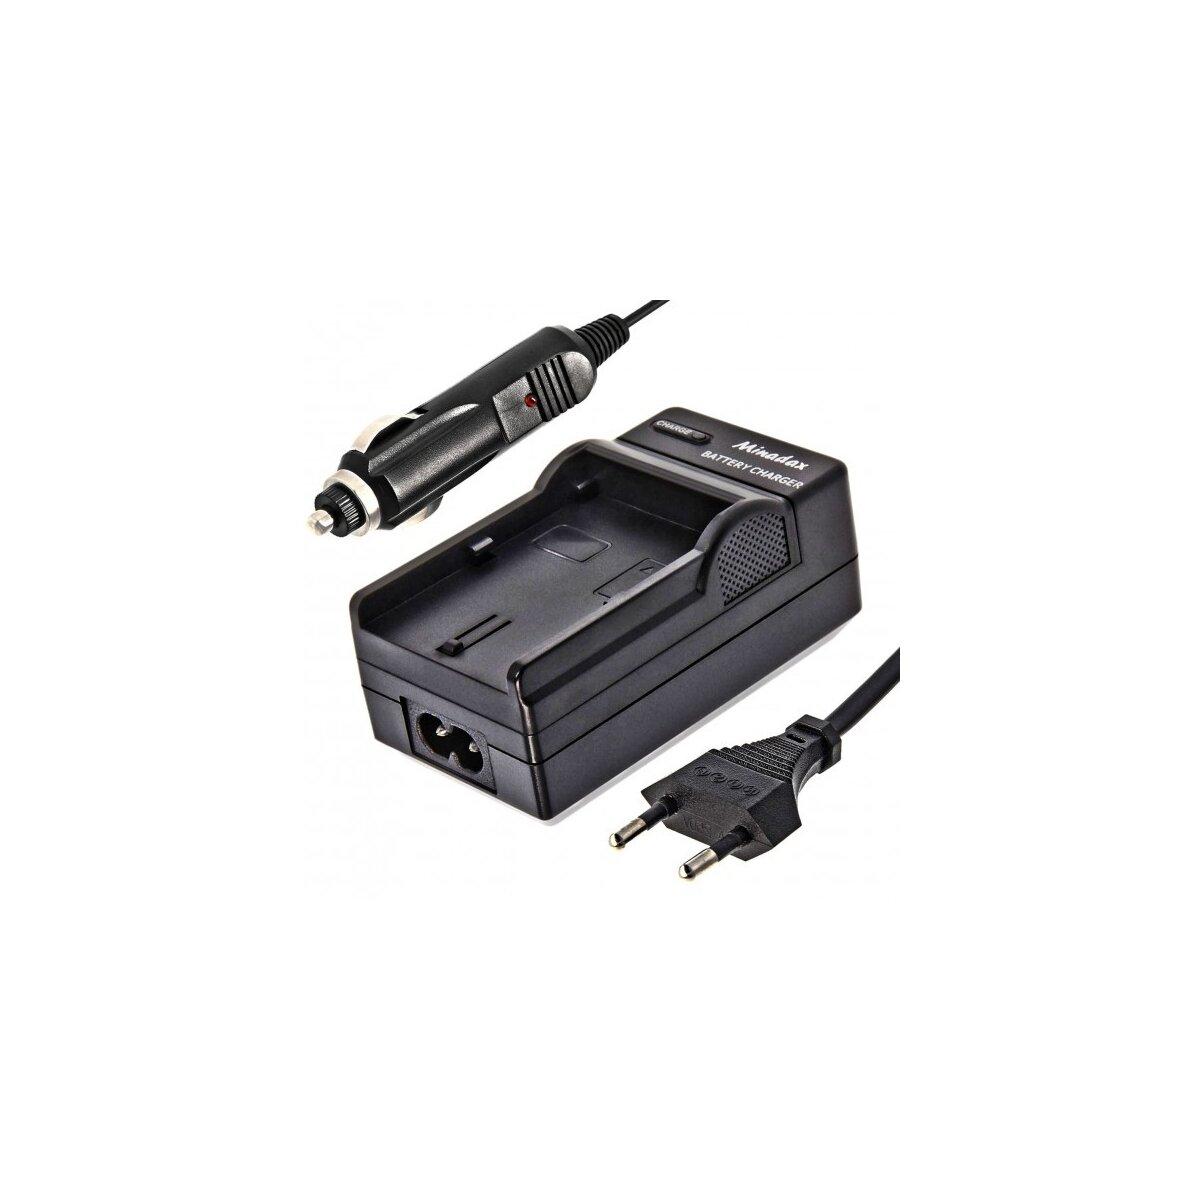 Minadax® Ladegeraet 100% kompatibel fuer Canon BP-511A, BP-512, BP-522, BP-535 inkl. Auto Ladekabel, Ladeschale austauschbar